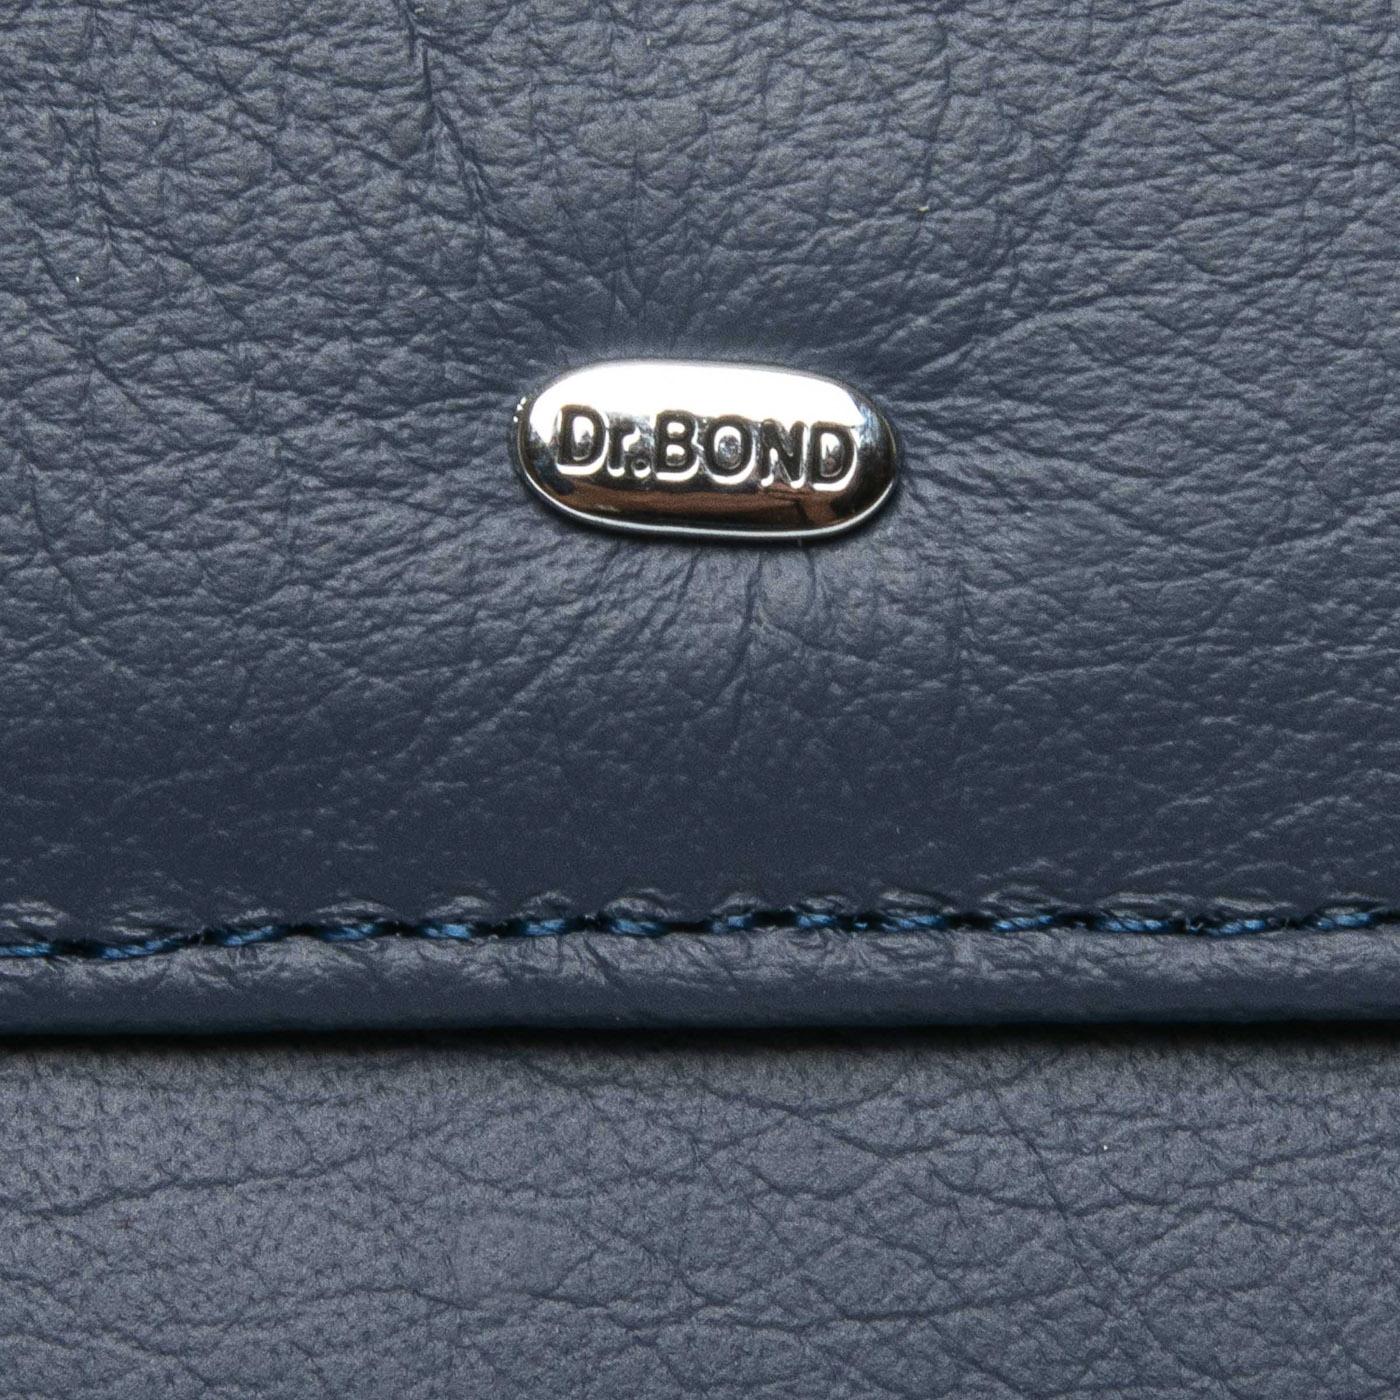 Кошелек Classic кожа DR. BOND WMB-4M blue - фото 4